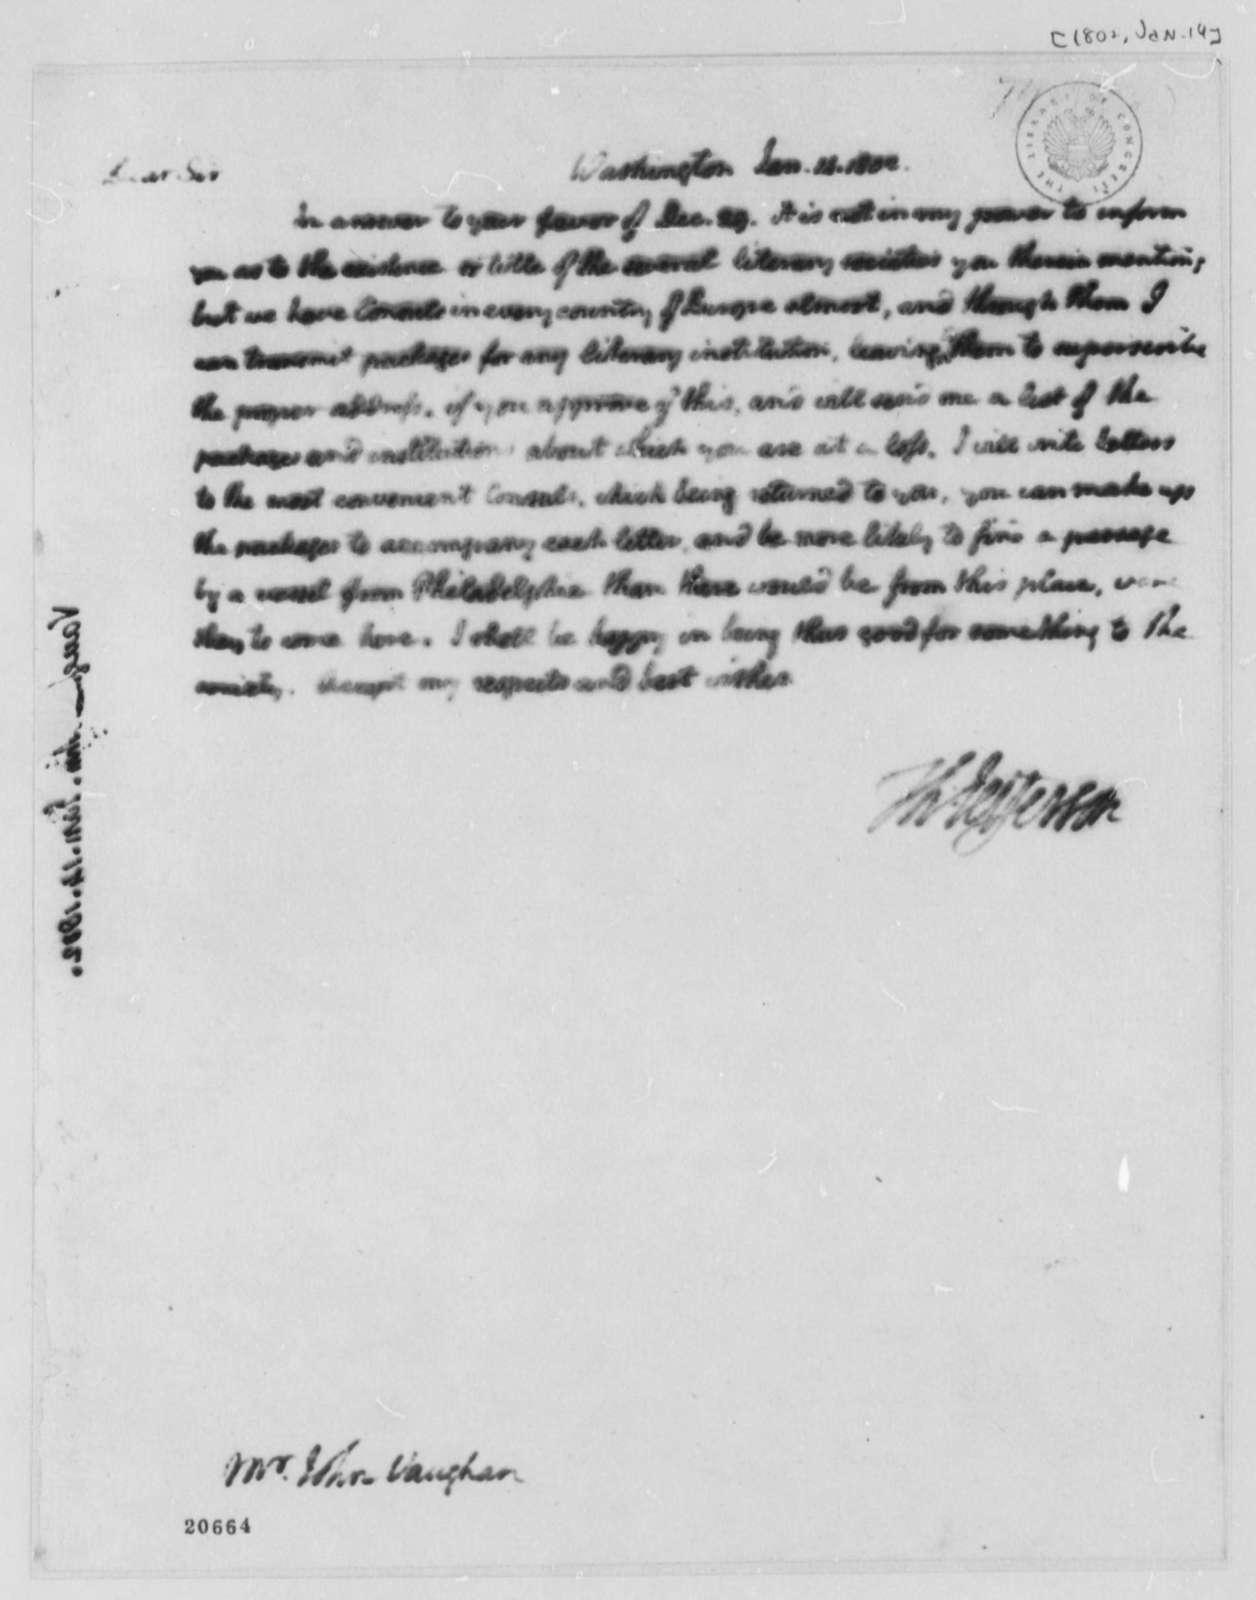 Thomas Jefferson to John Vaughan, January 14, 1802